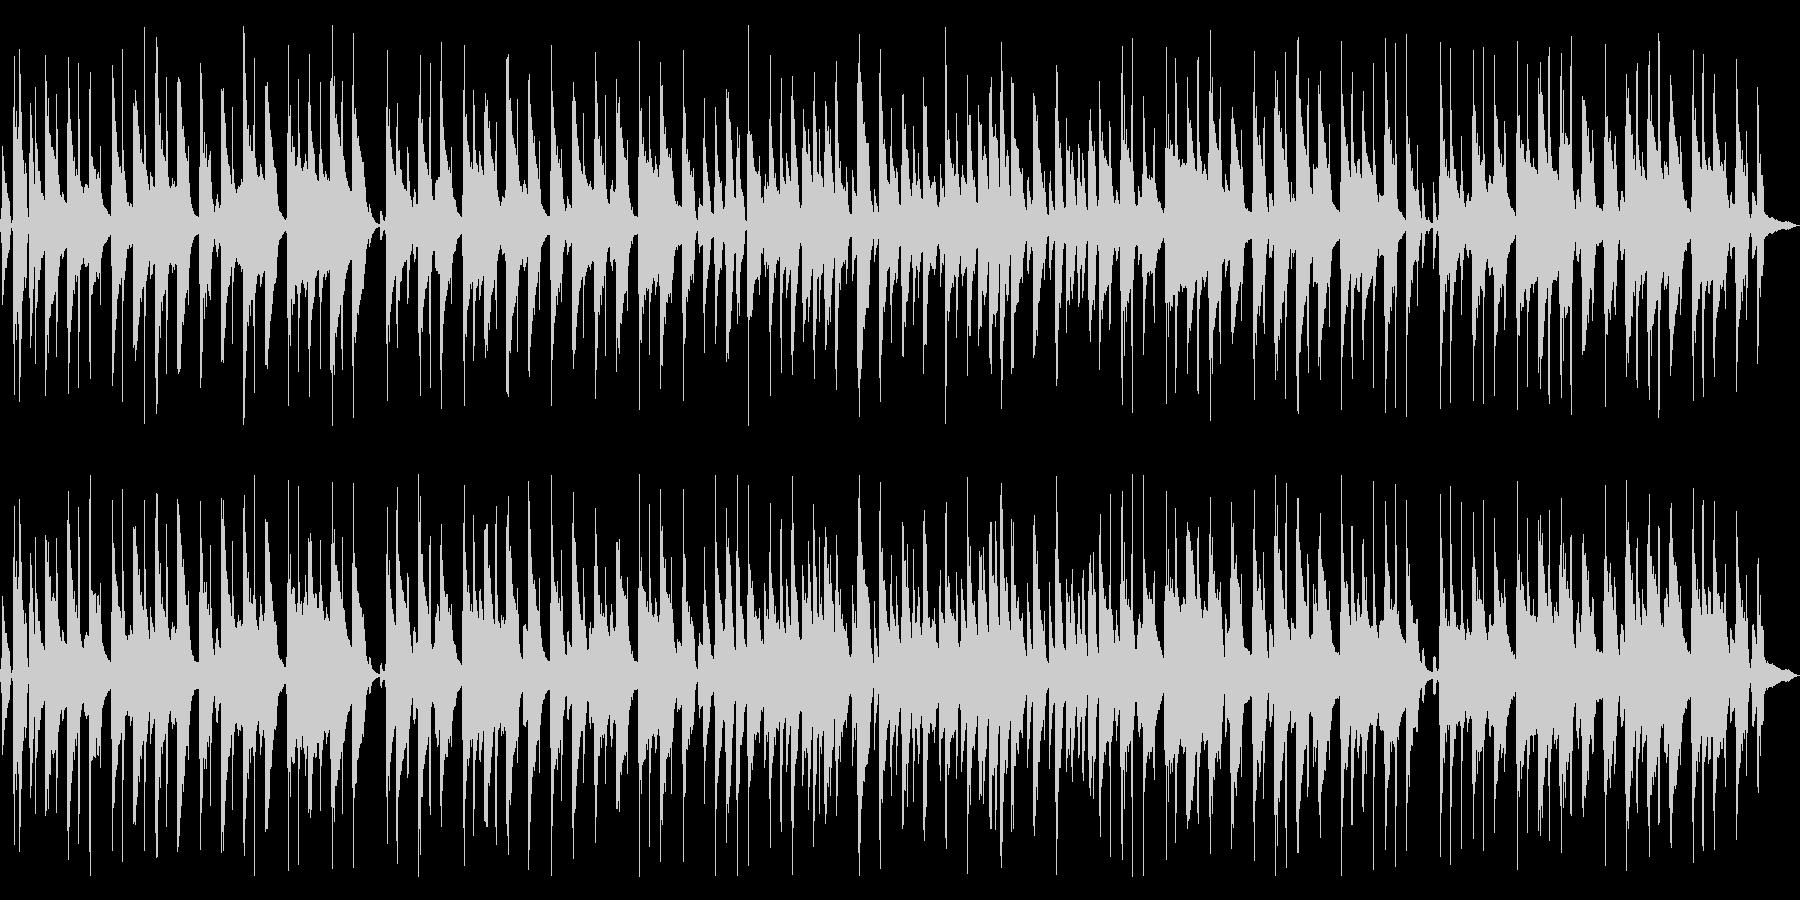 のんびりとしたコンセプトムービーBGMの未再生の波形